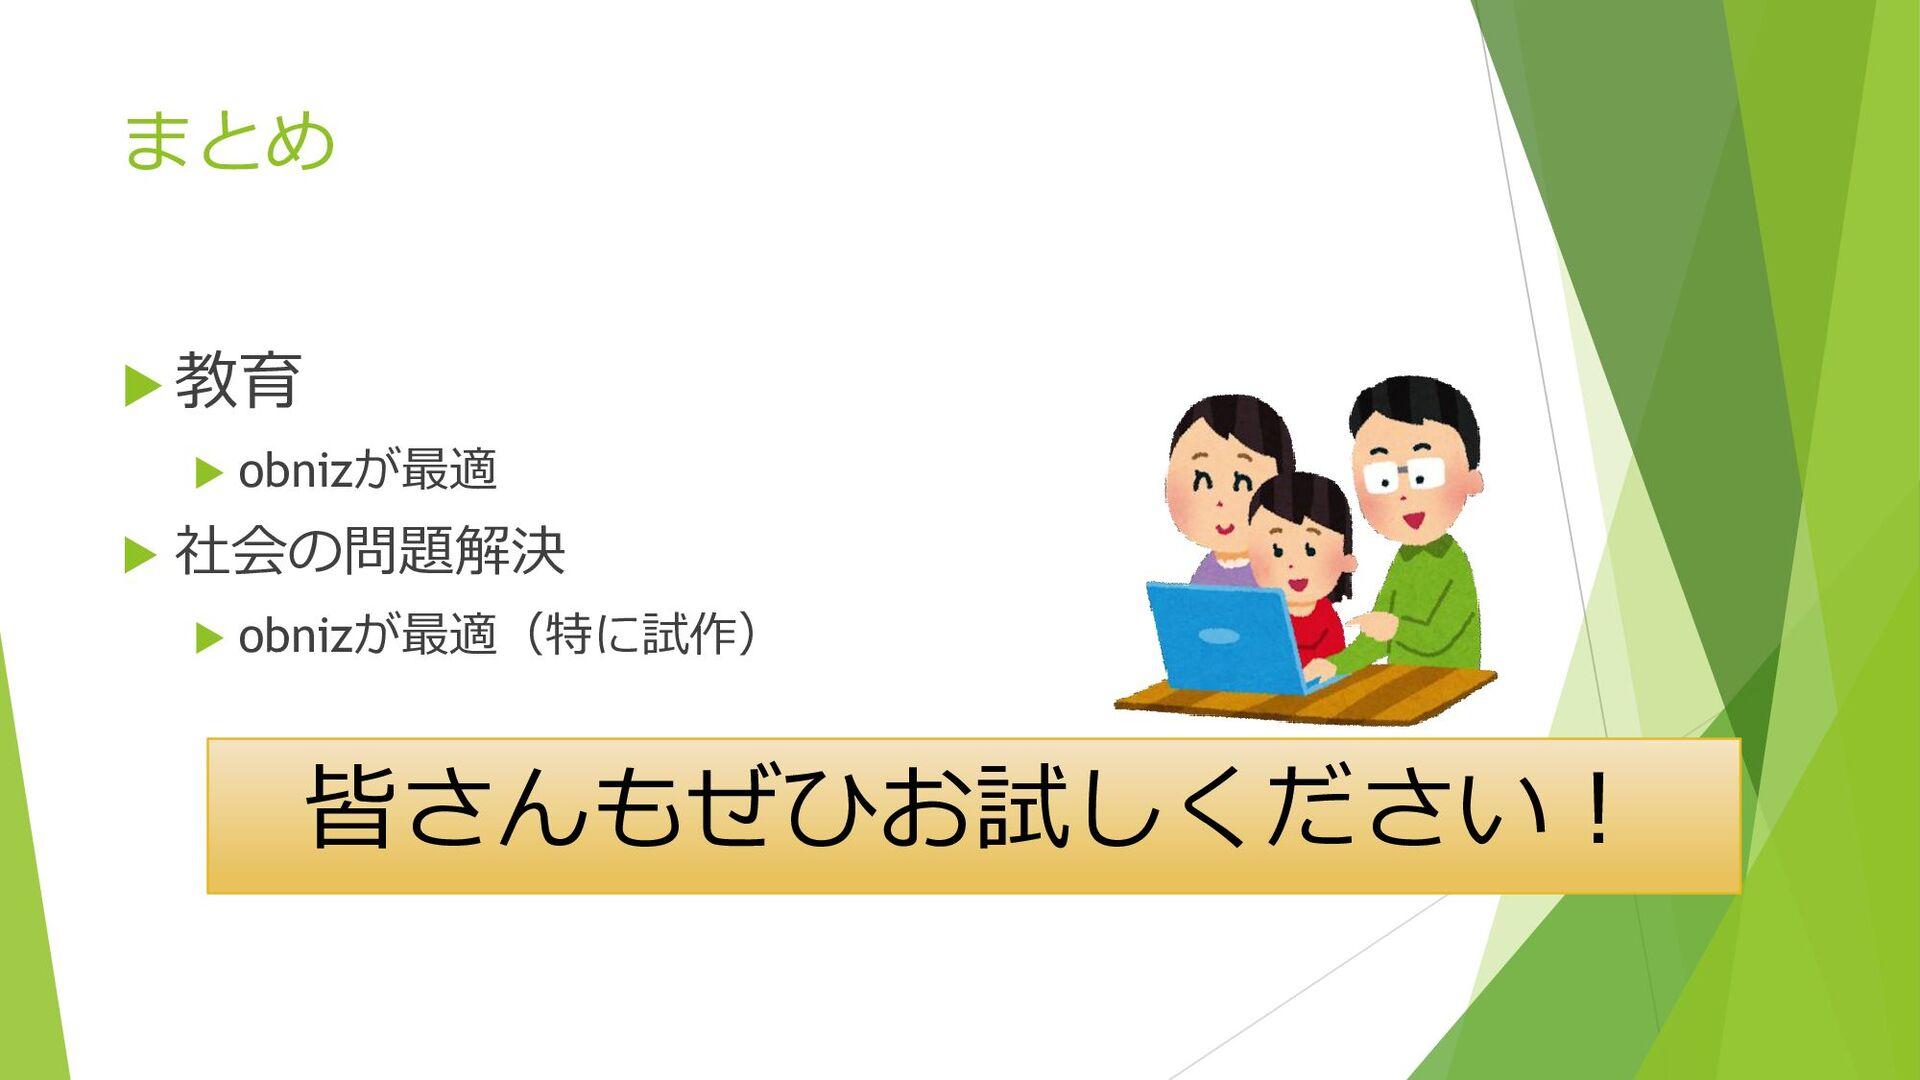 まとめ  教育  obnizが最適  社会の問題解決  obnizが最適(特に試作) ...